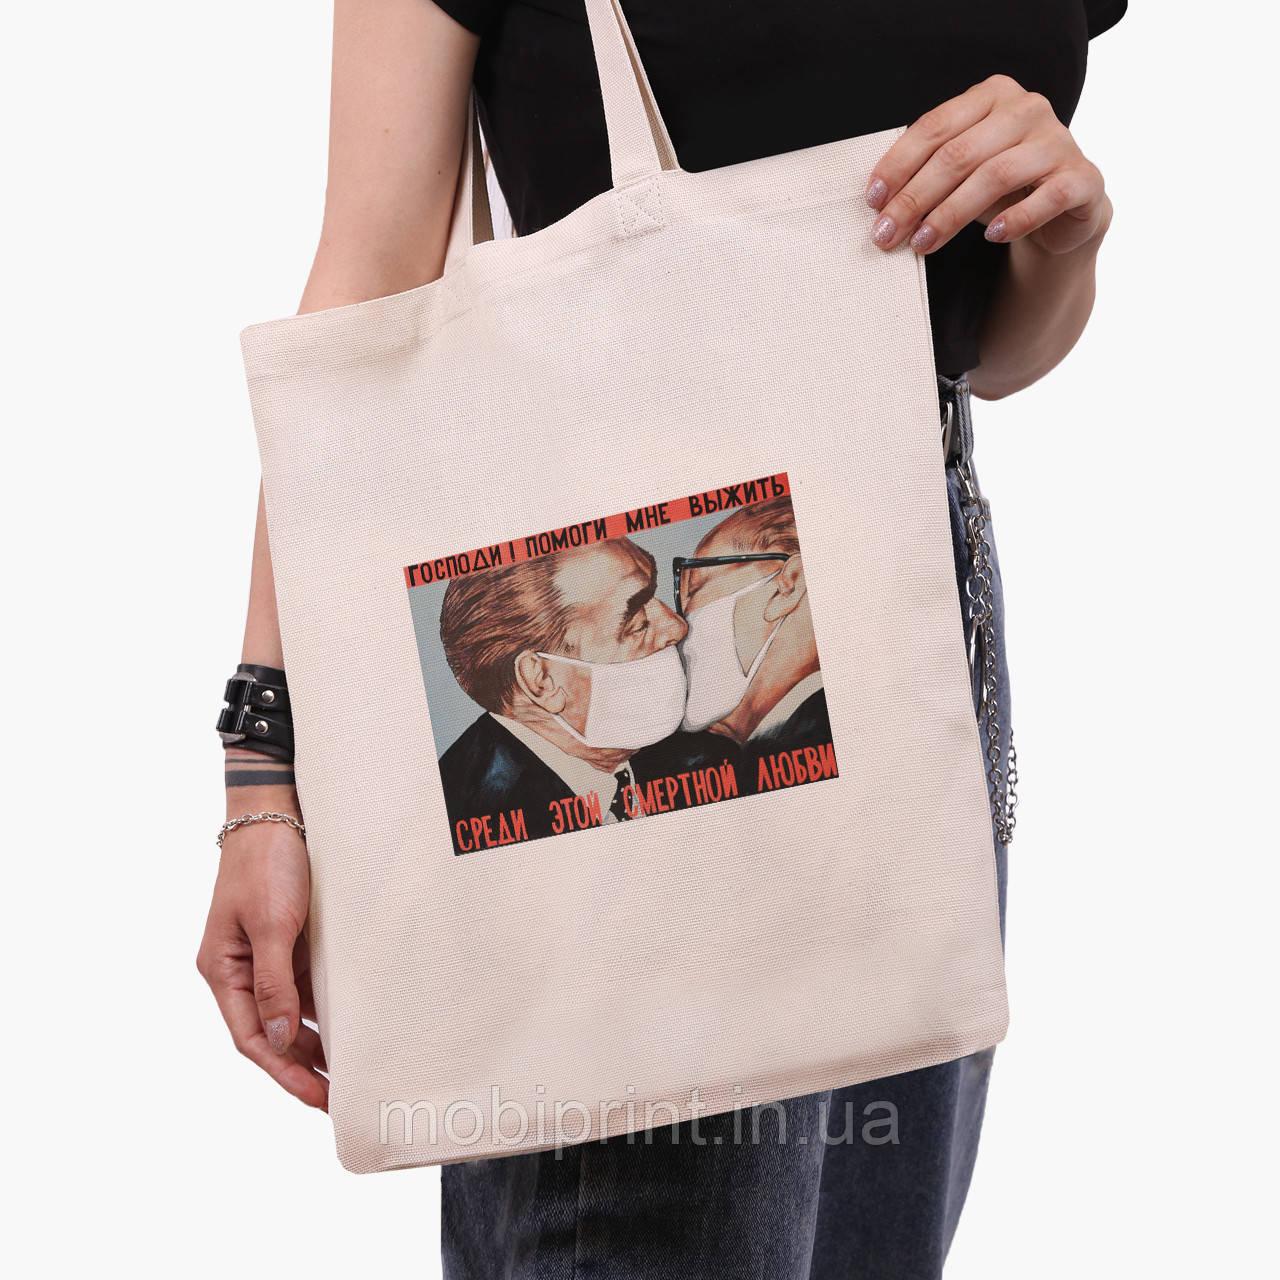 Эко сумка шоппер Брежнев поцелуй (Brezhnev kiss) (9227-1424)  экосумка шопер 41*35 см